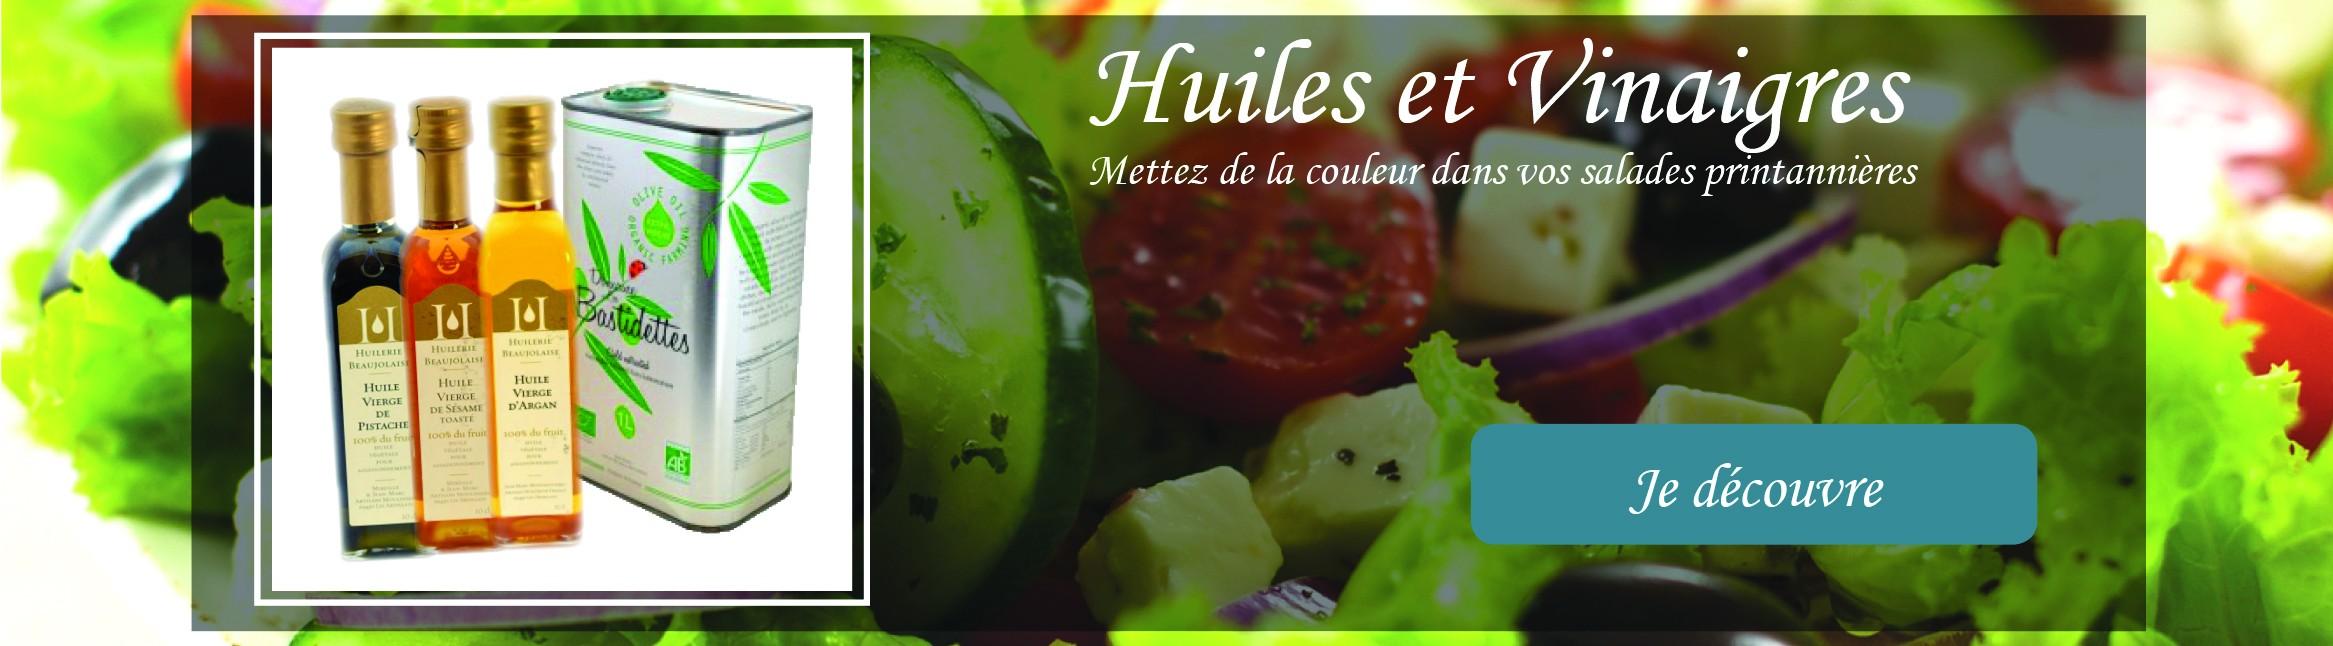 Huiles et vinaigres artisanaux Made in France pour donner des couleurs à vos salades d'été